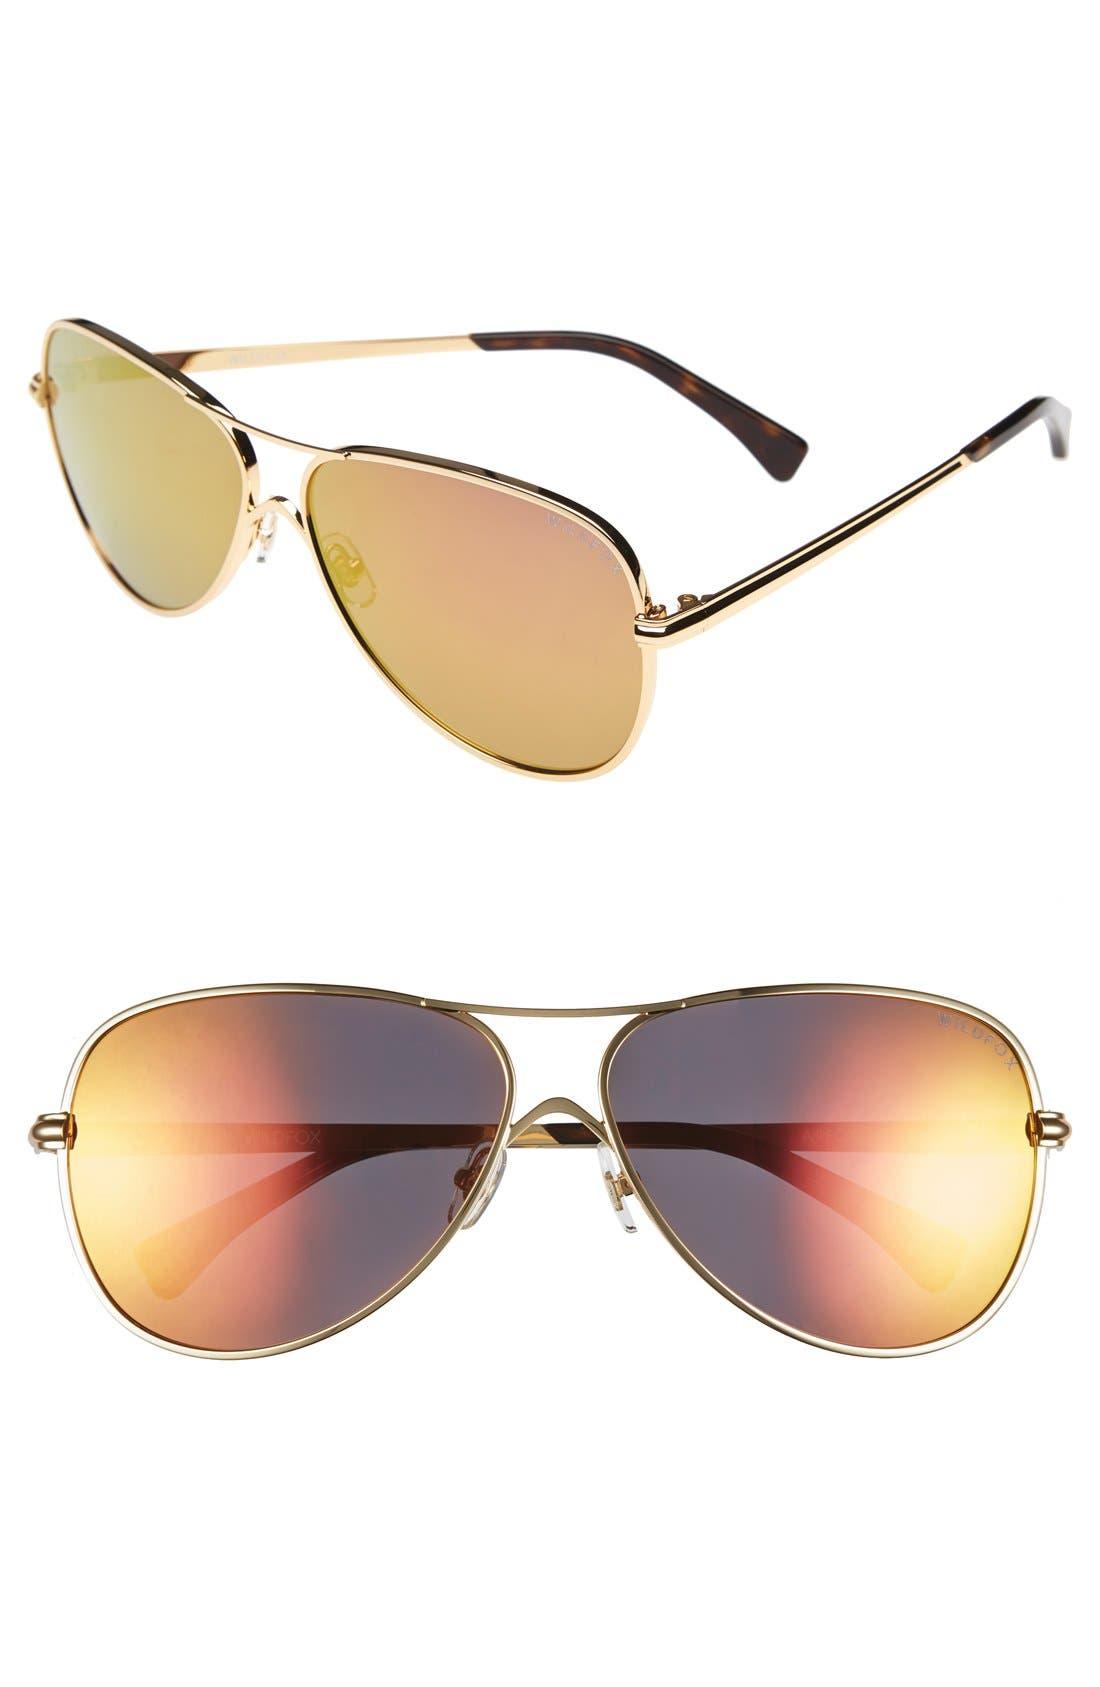 Main Image - Wildfox 'Airfox' 62mm Aviator Sunglasses